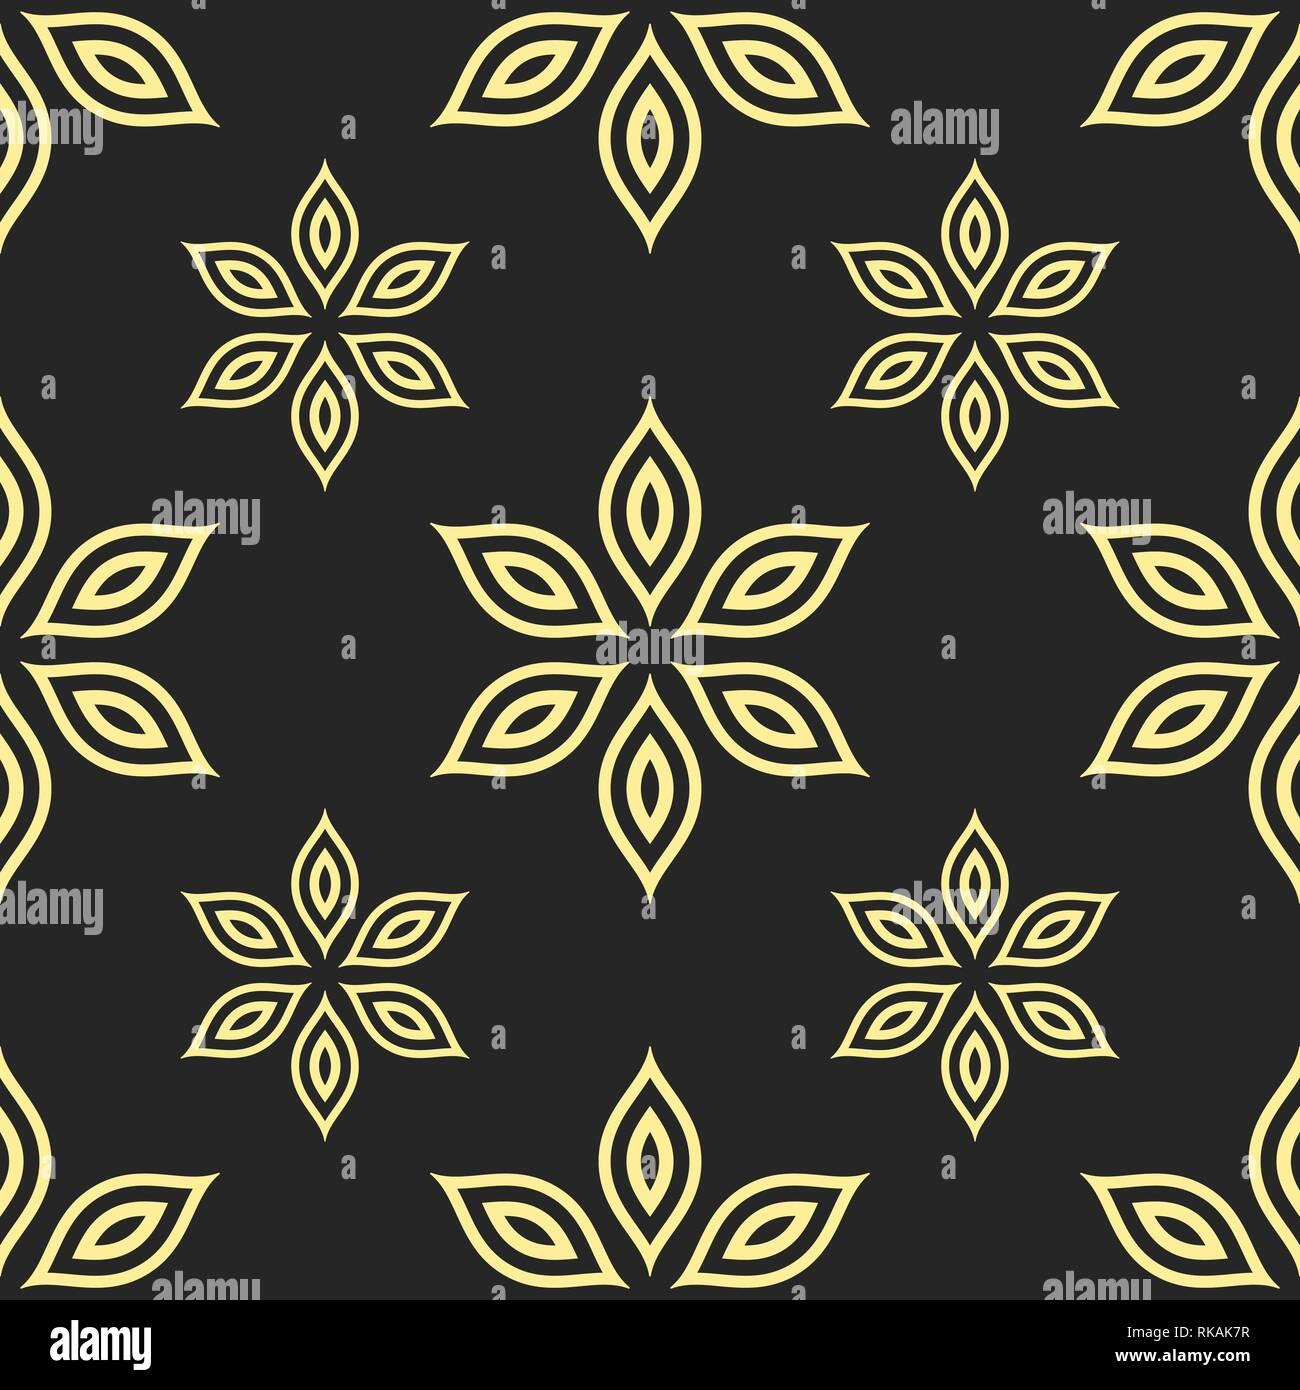 Zusammenfassung nahtlose Muster von Blumen. Geometrische floralen Ornament. Vector Hintergrund. Stockbild